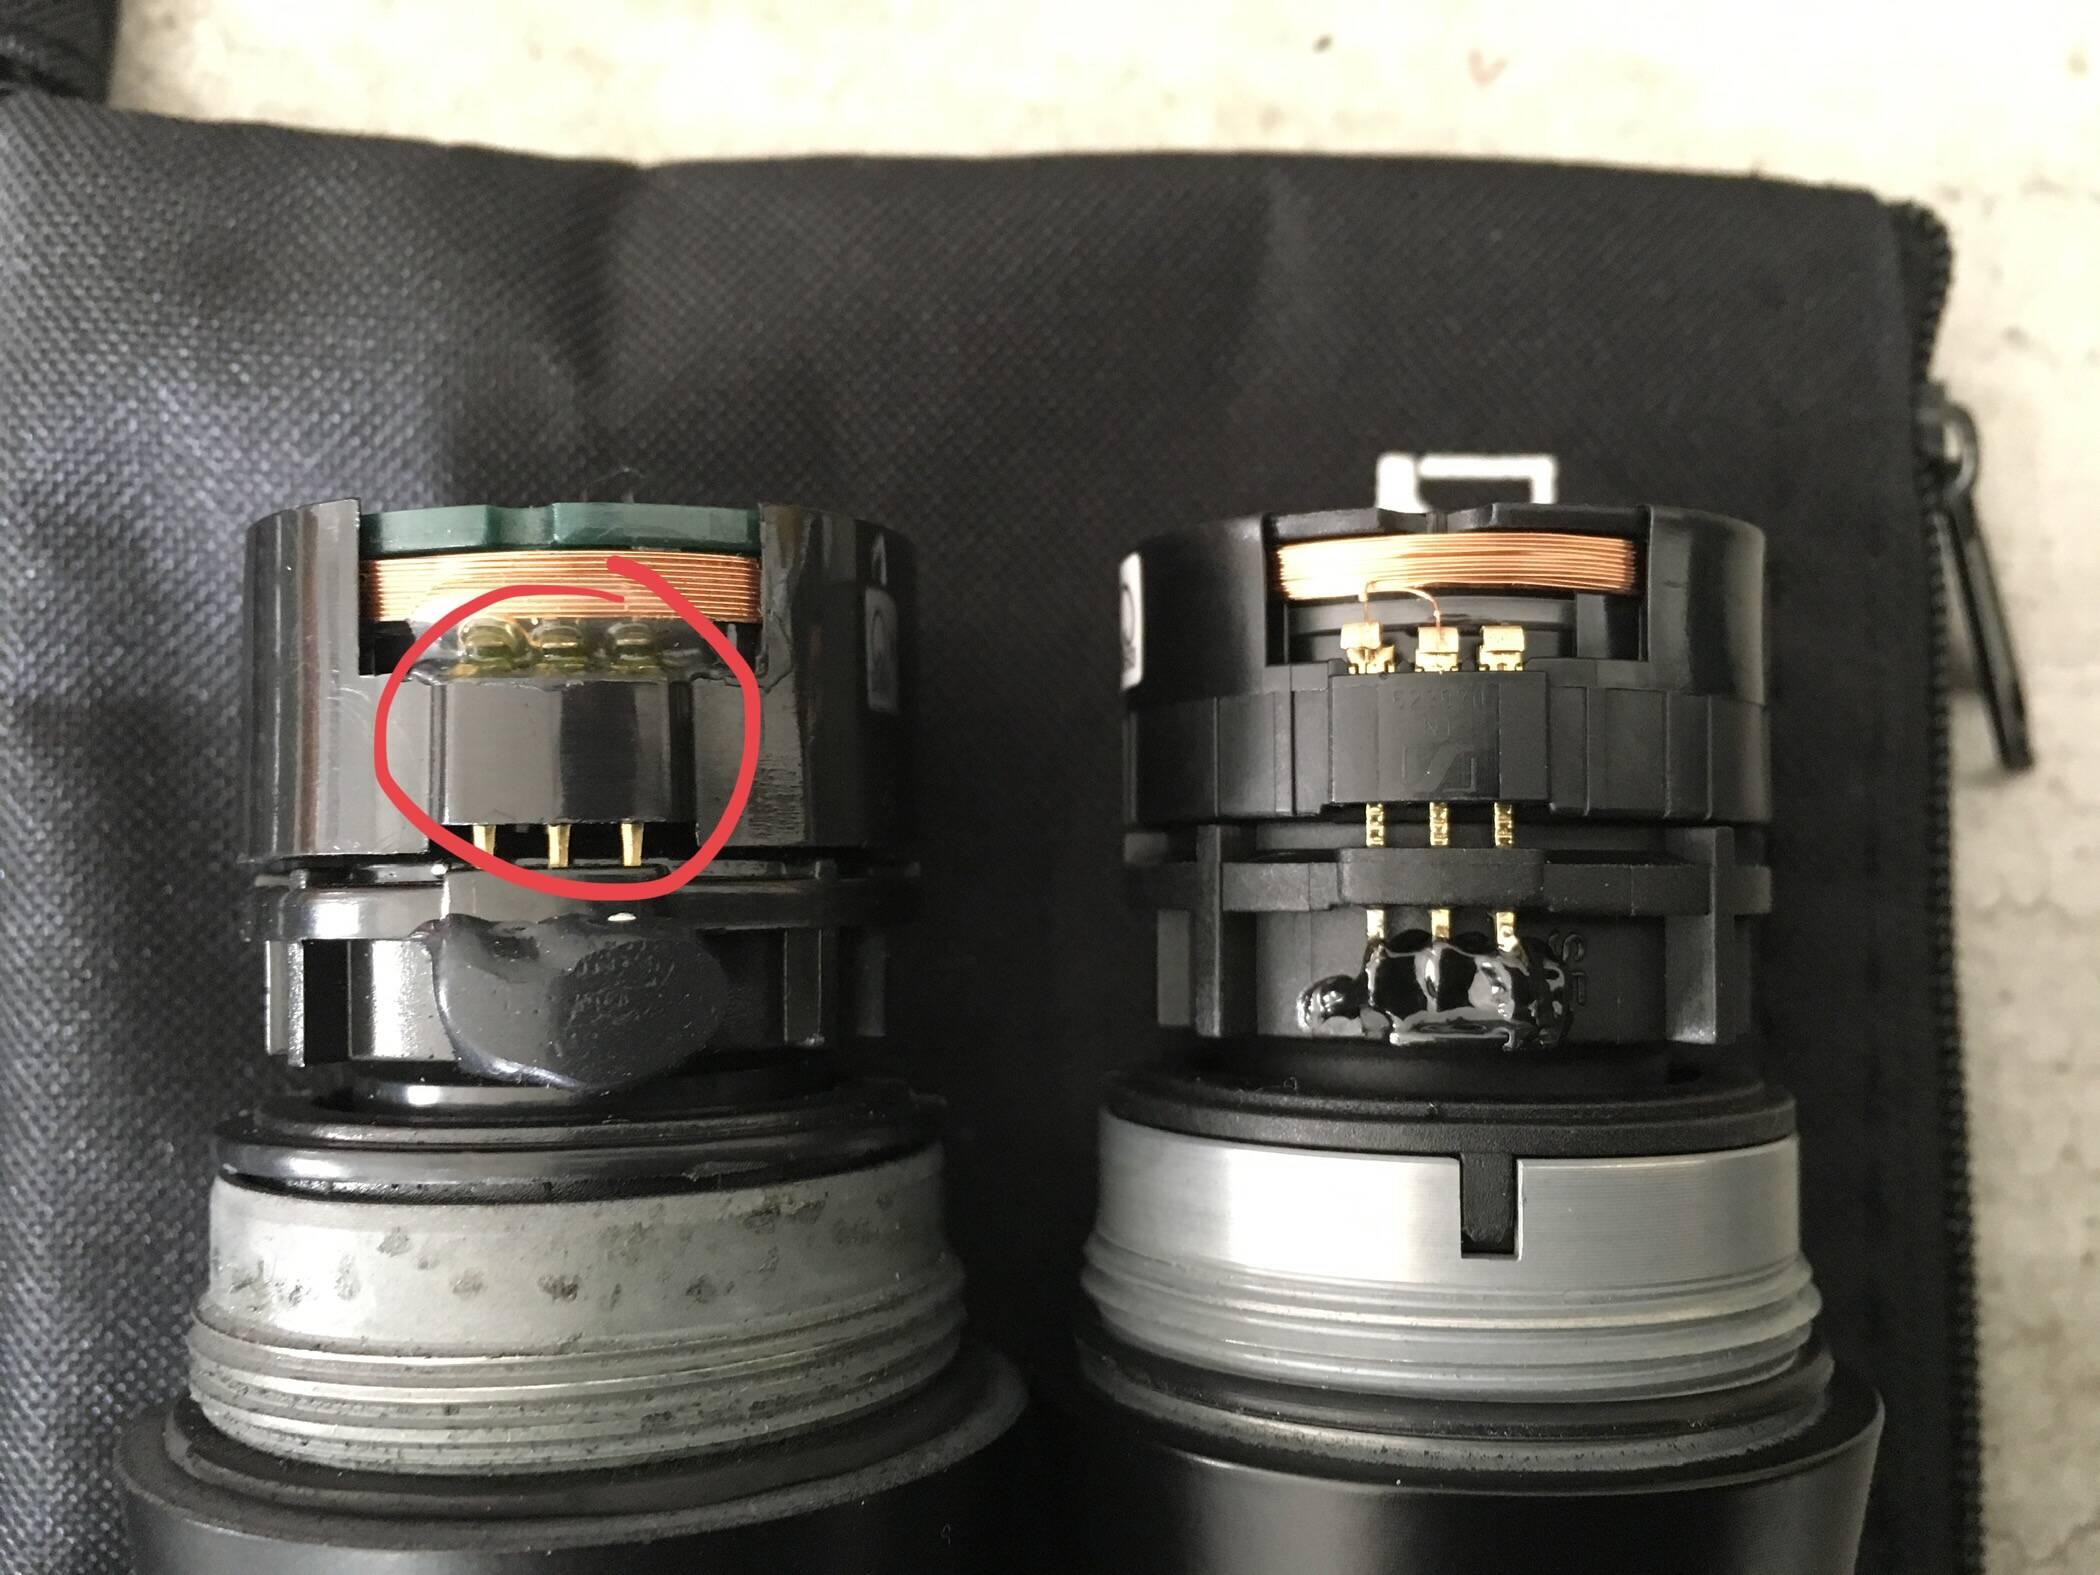 728C124C-B14E-475D-820F-1F7DFD6D96C1.jpeg